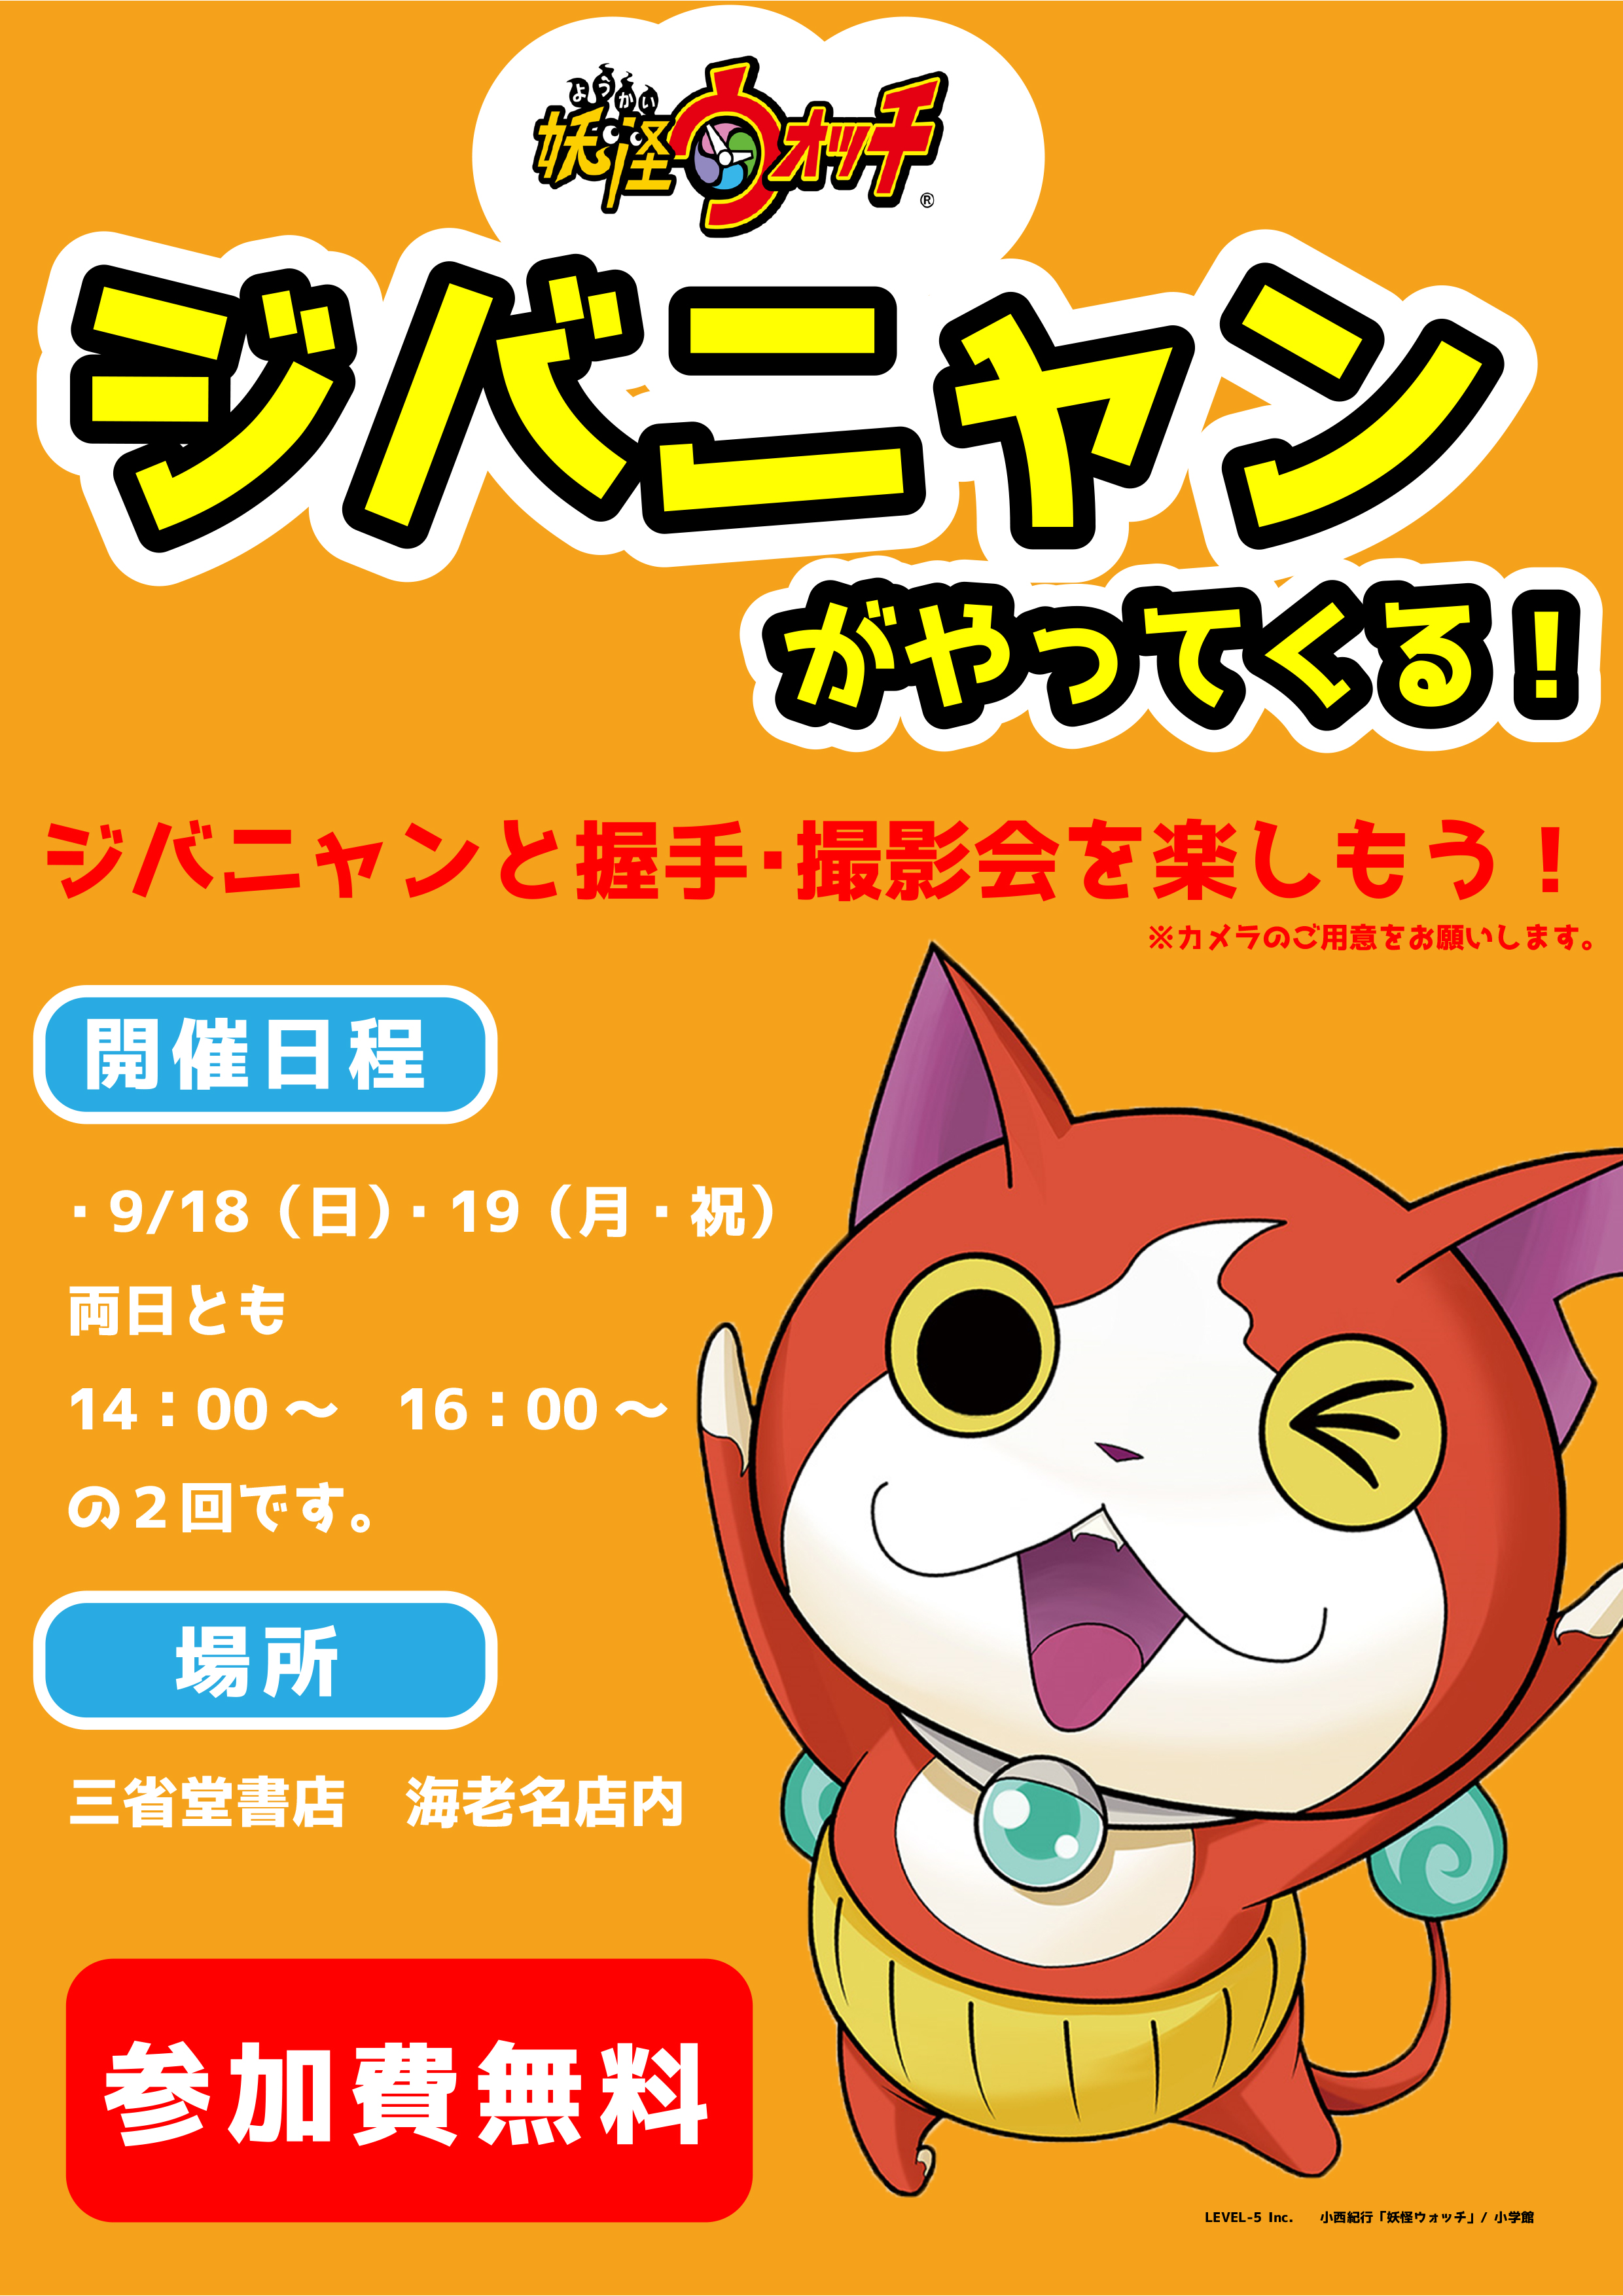 【イベント】9月18日(日)19日(月)ジバニャンがやってくる!